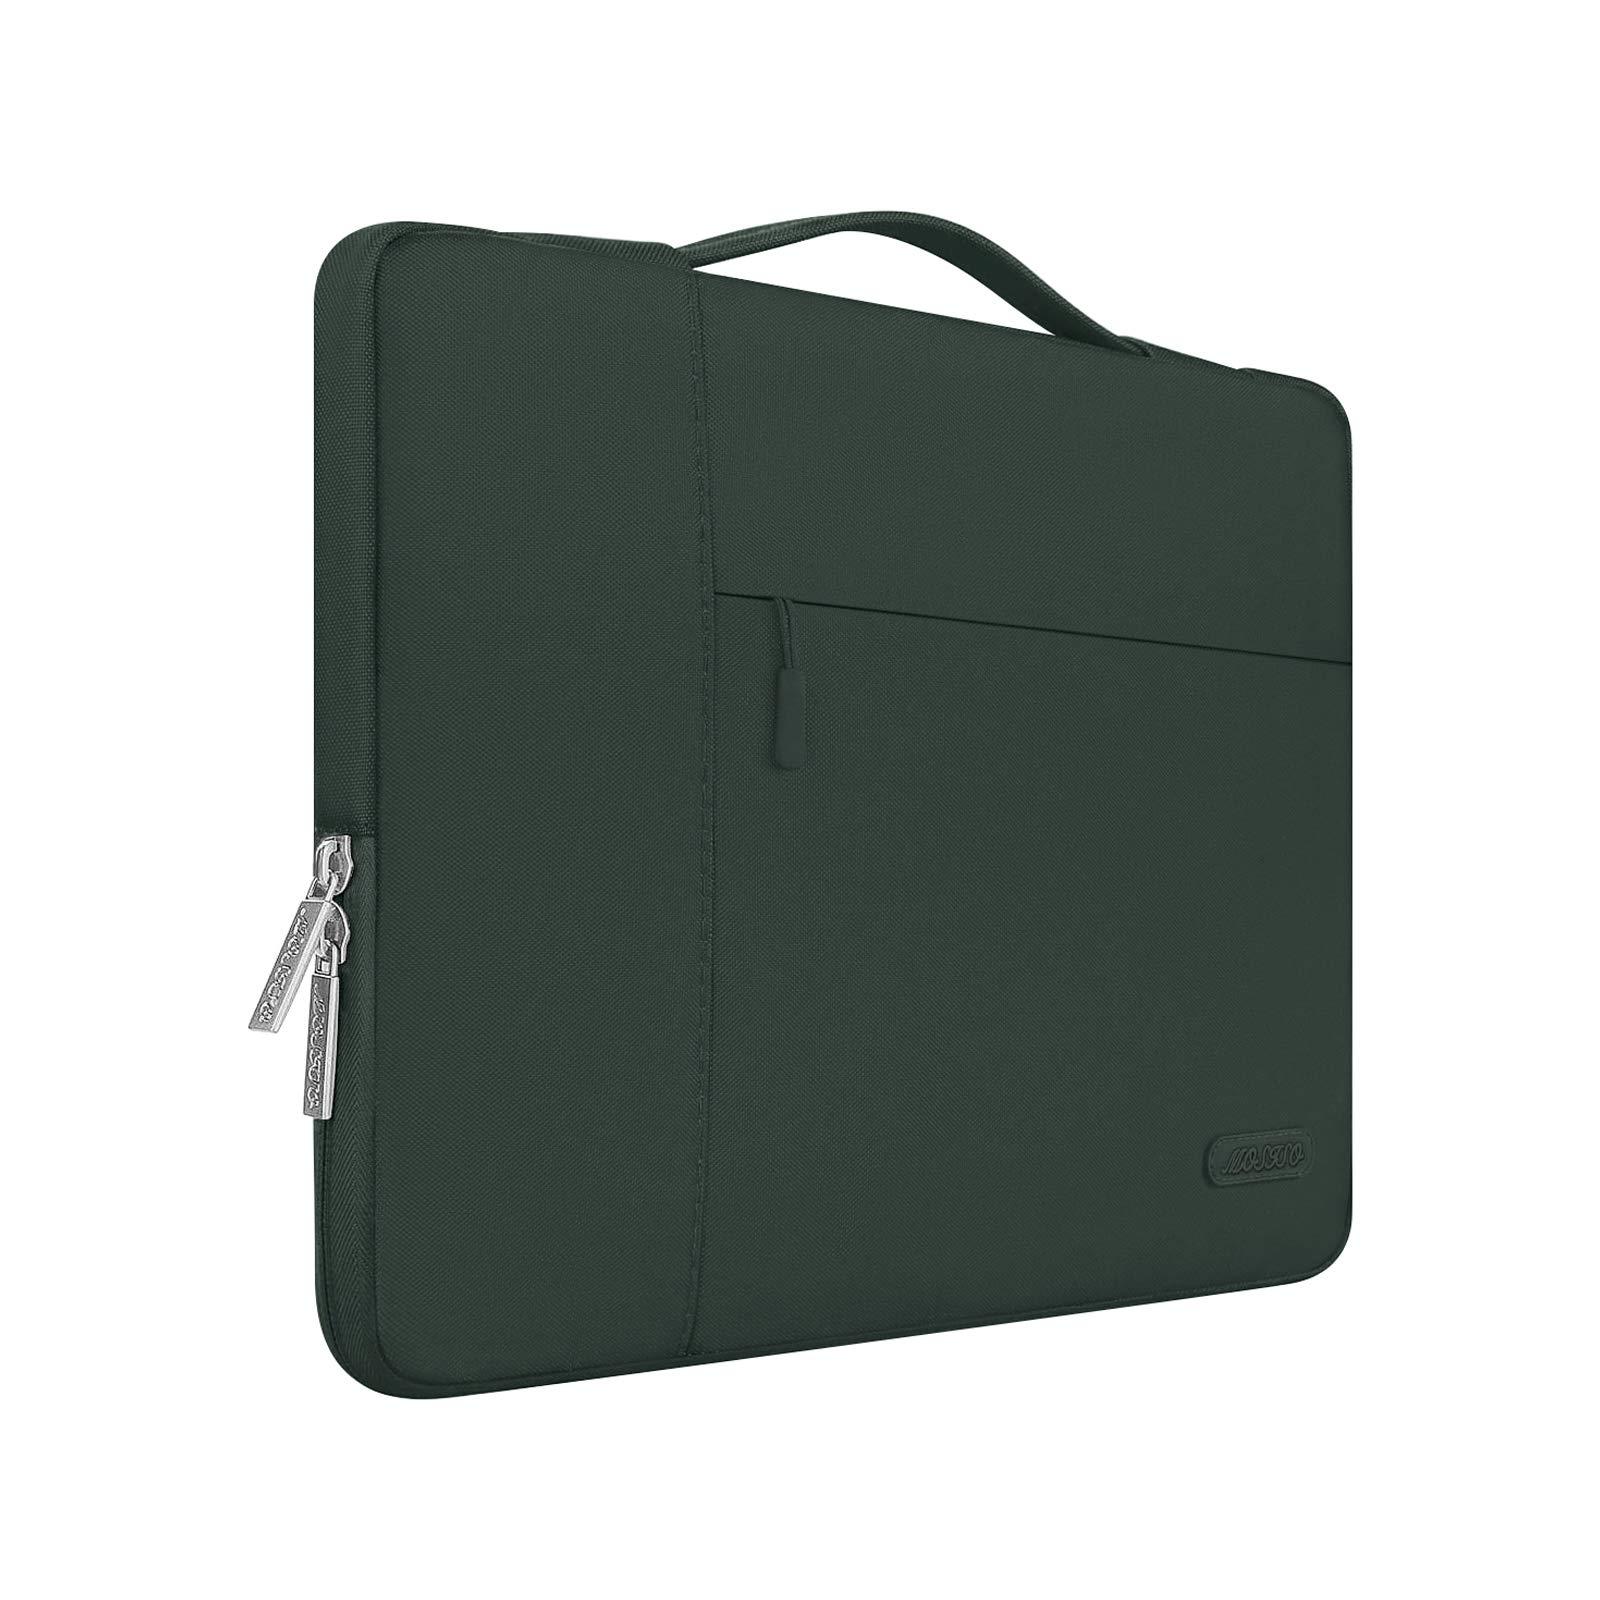 Funda Para Laptop de 13 Inch - Verde medianoche - Mosiso